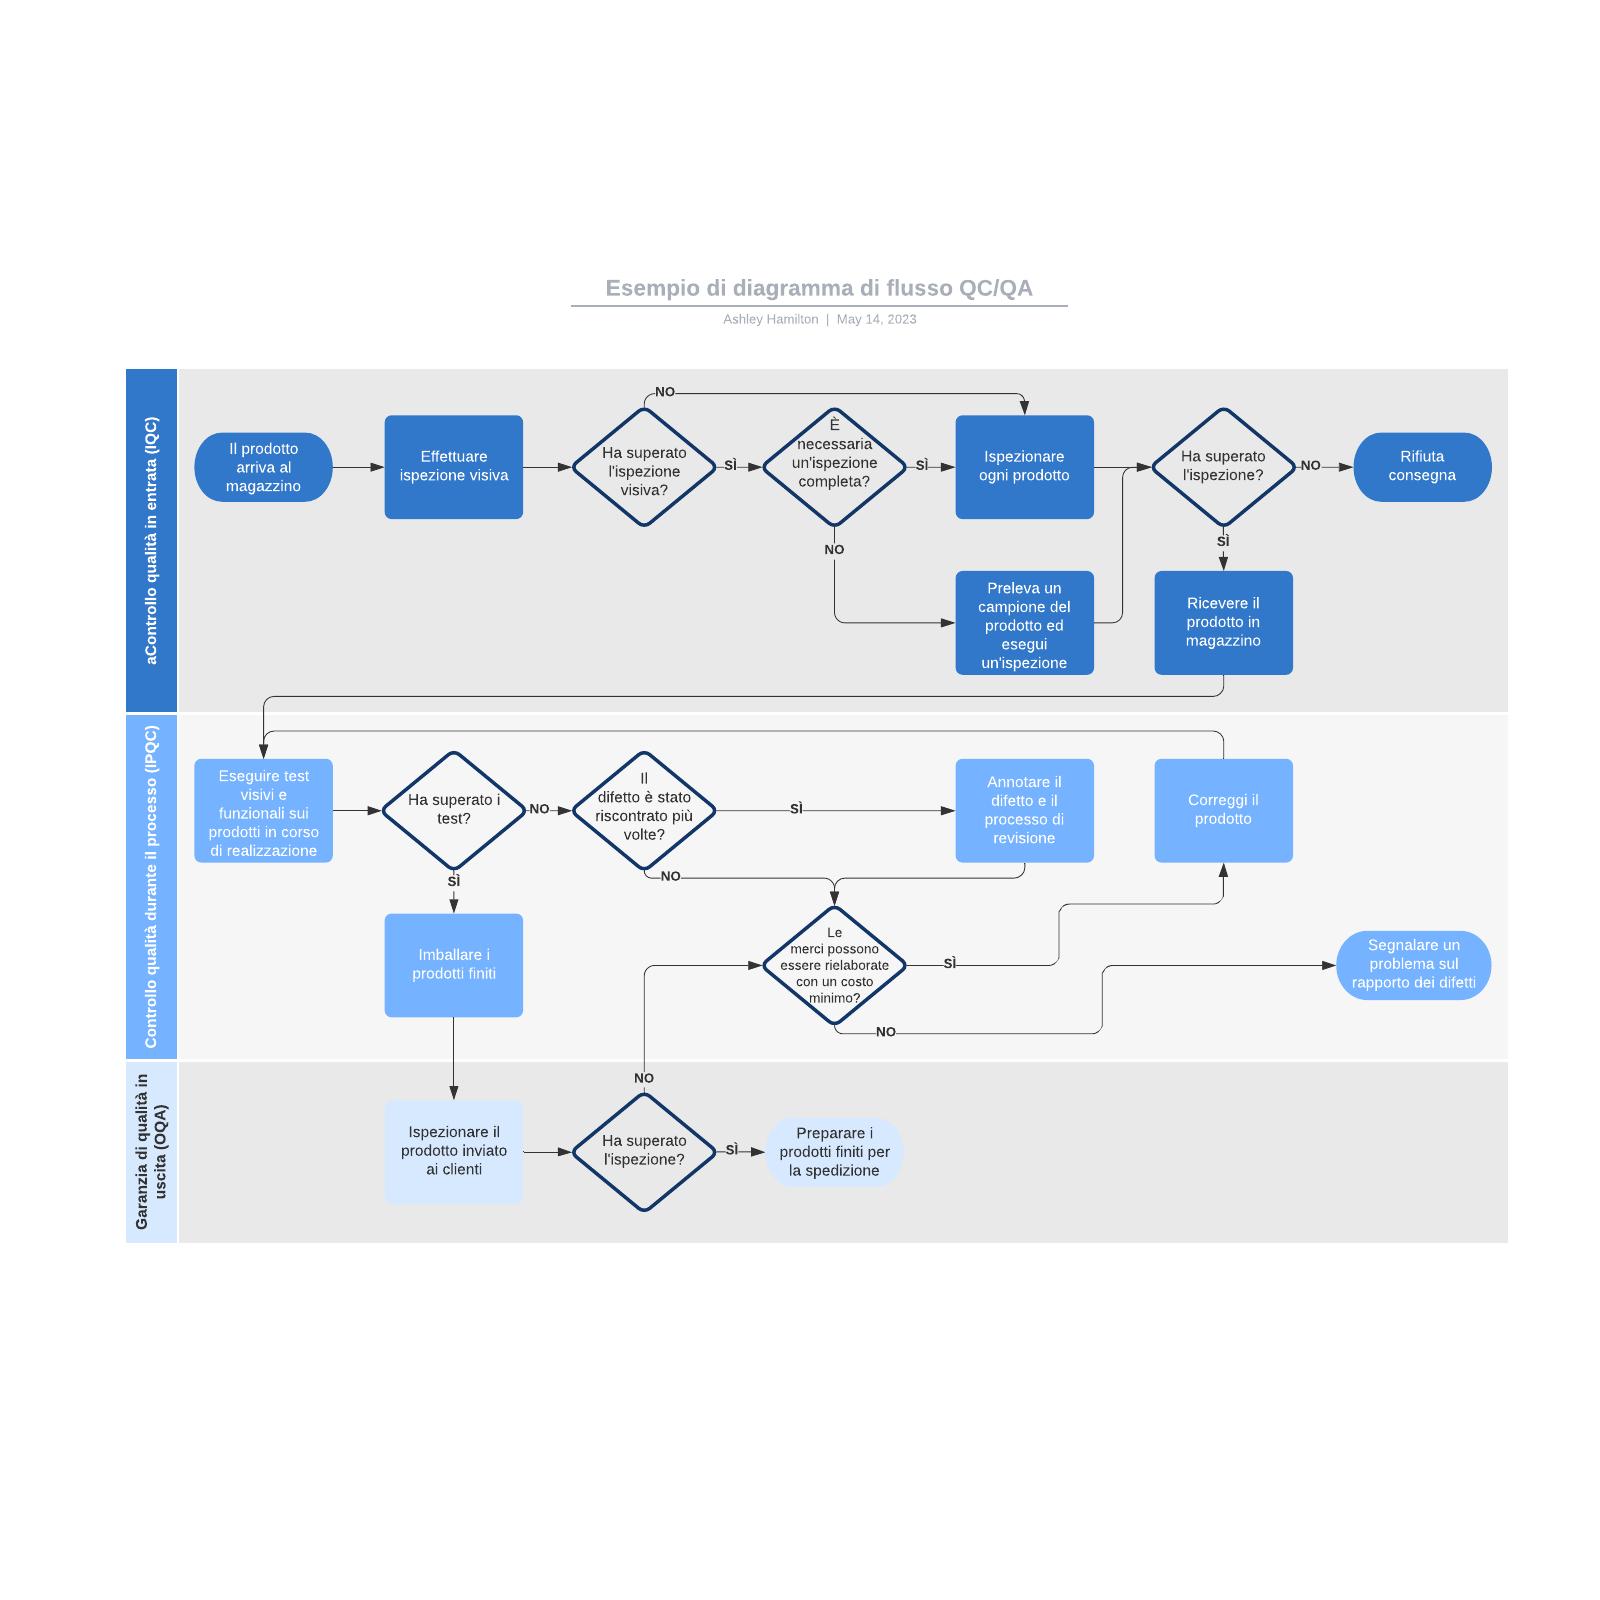 Esempio di diagramma di flusso QC/QA